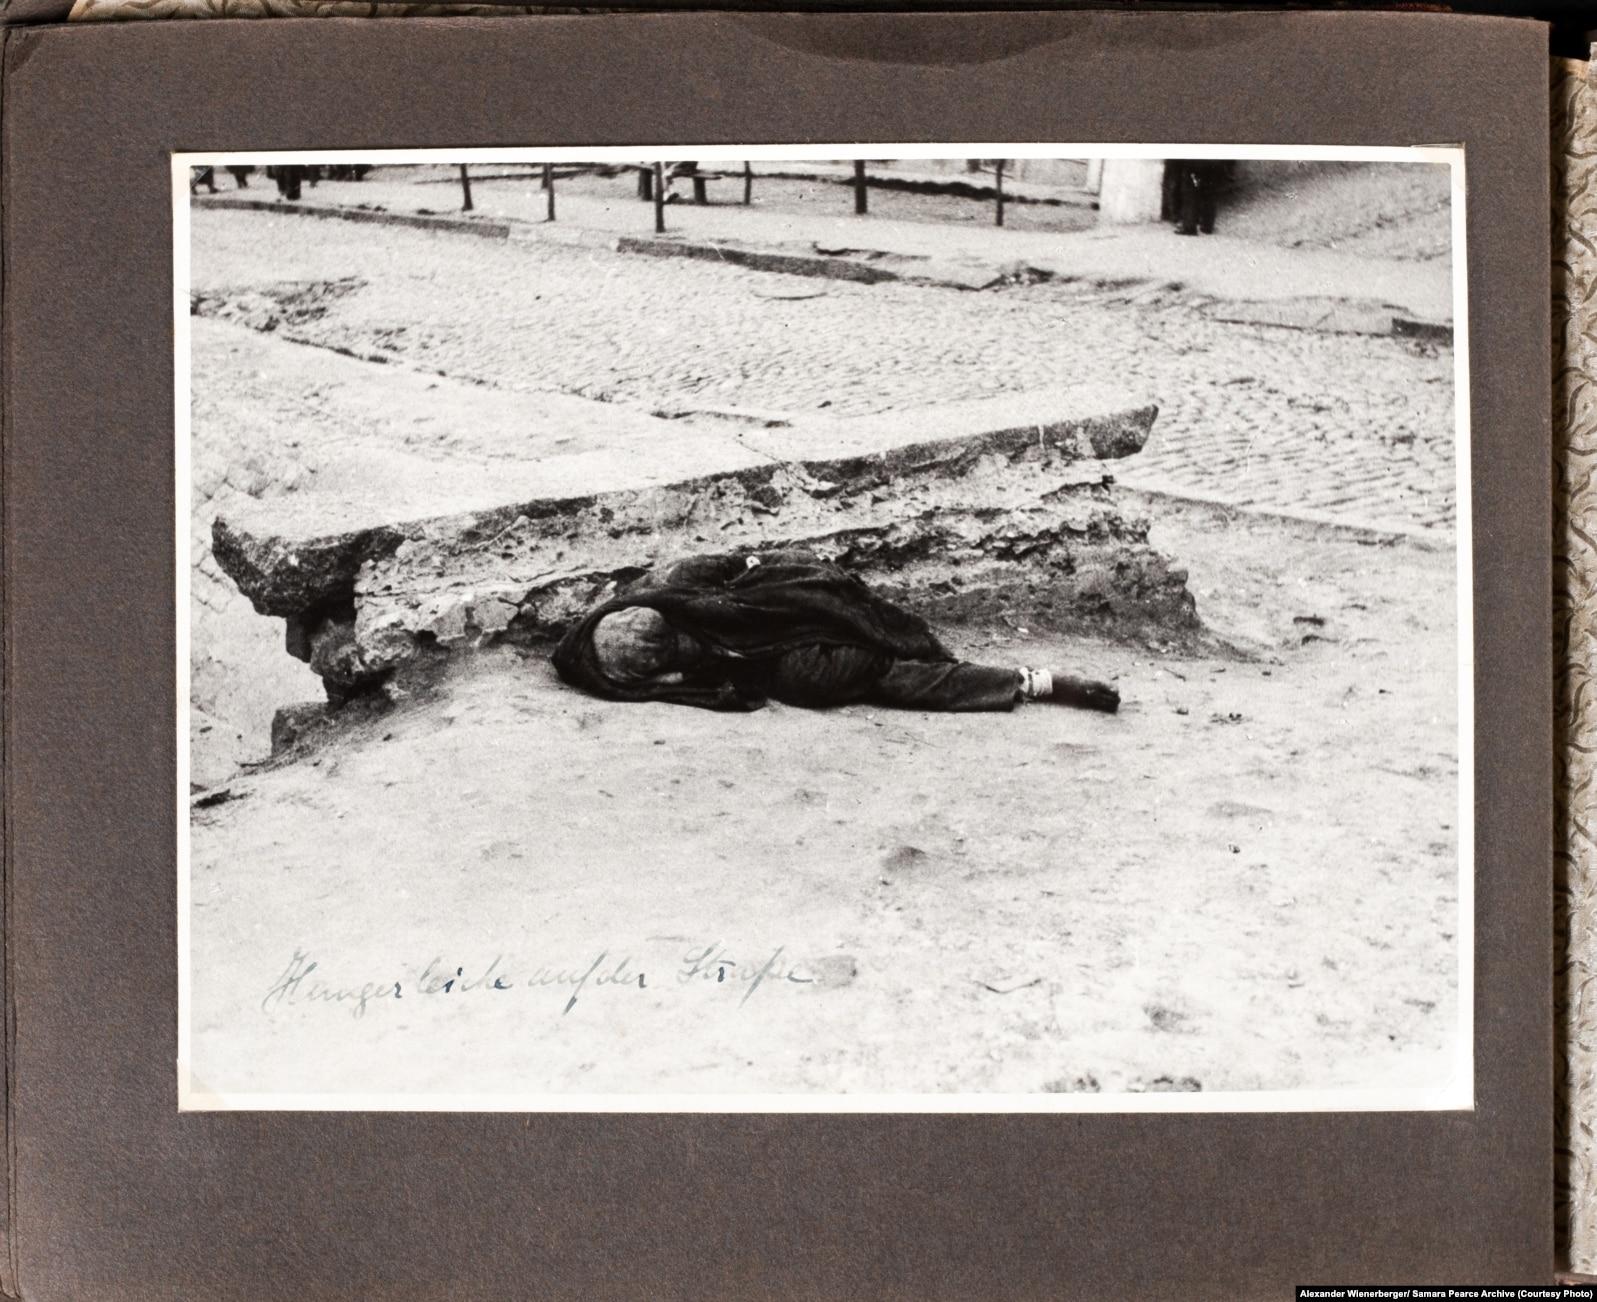 «Труп померлого з голоду на вулиці» (авторський підпис). Центр Харкова, 1933 рік. Фото Александра Вінербергера, публікується вперше. Надано власником авторських прав Самарою Пірс